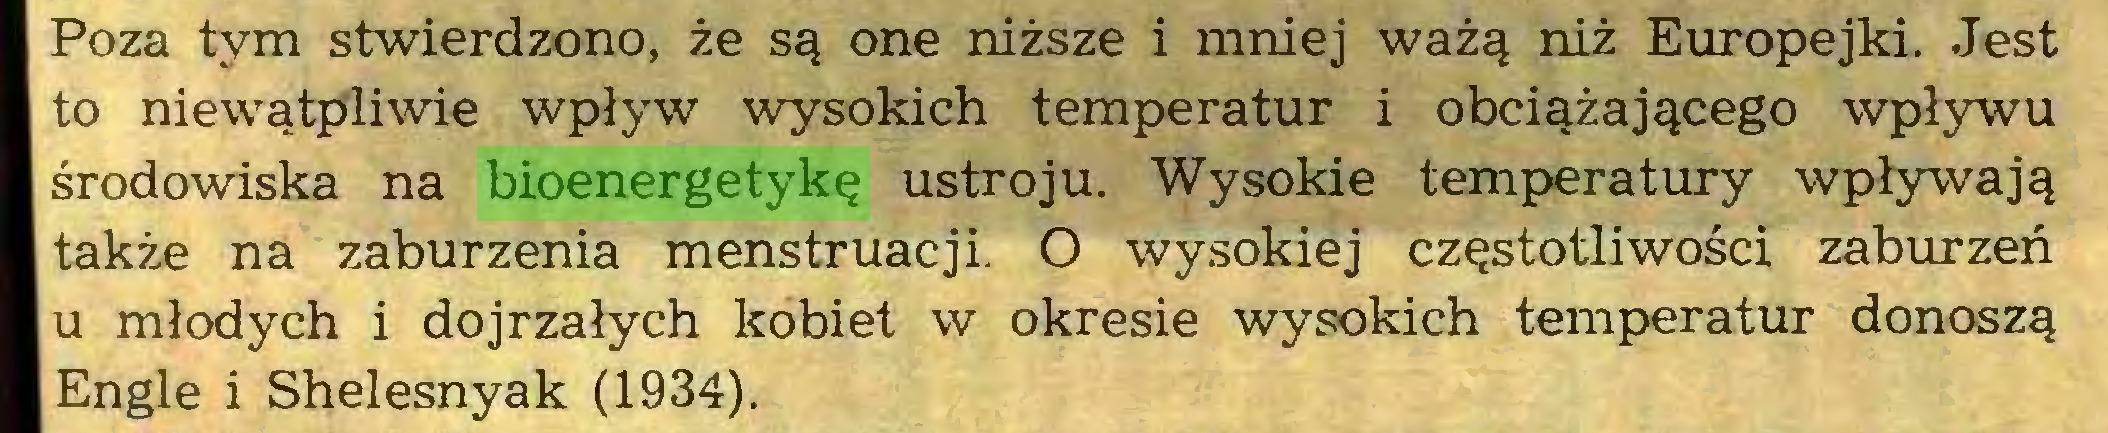 (...) Poza tym stwierdzono, że są one niższe i mniej ważą niż Europejki. Jest to niewątpliwie wpływ wysokich temperatur i obciążającego wpływu środowiska na bioenergetykę ustroju. Wysokie temperatury wpływają także na zaburzenia menstruacji. O wysokiej częstotliwości zaburzeń u młodych i dojrzałych kobiet w okresie wysokich temperatur donoszą Engle i Shelesnyak (1934)...